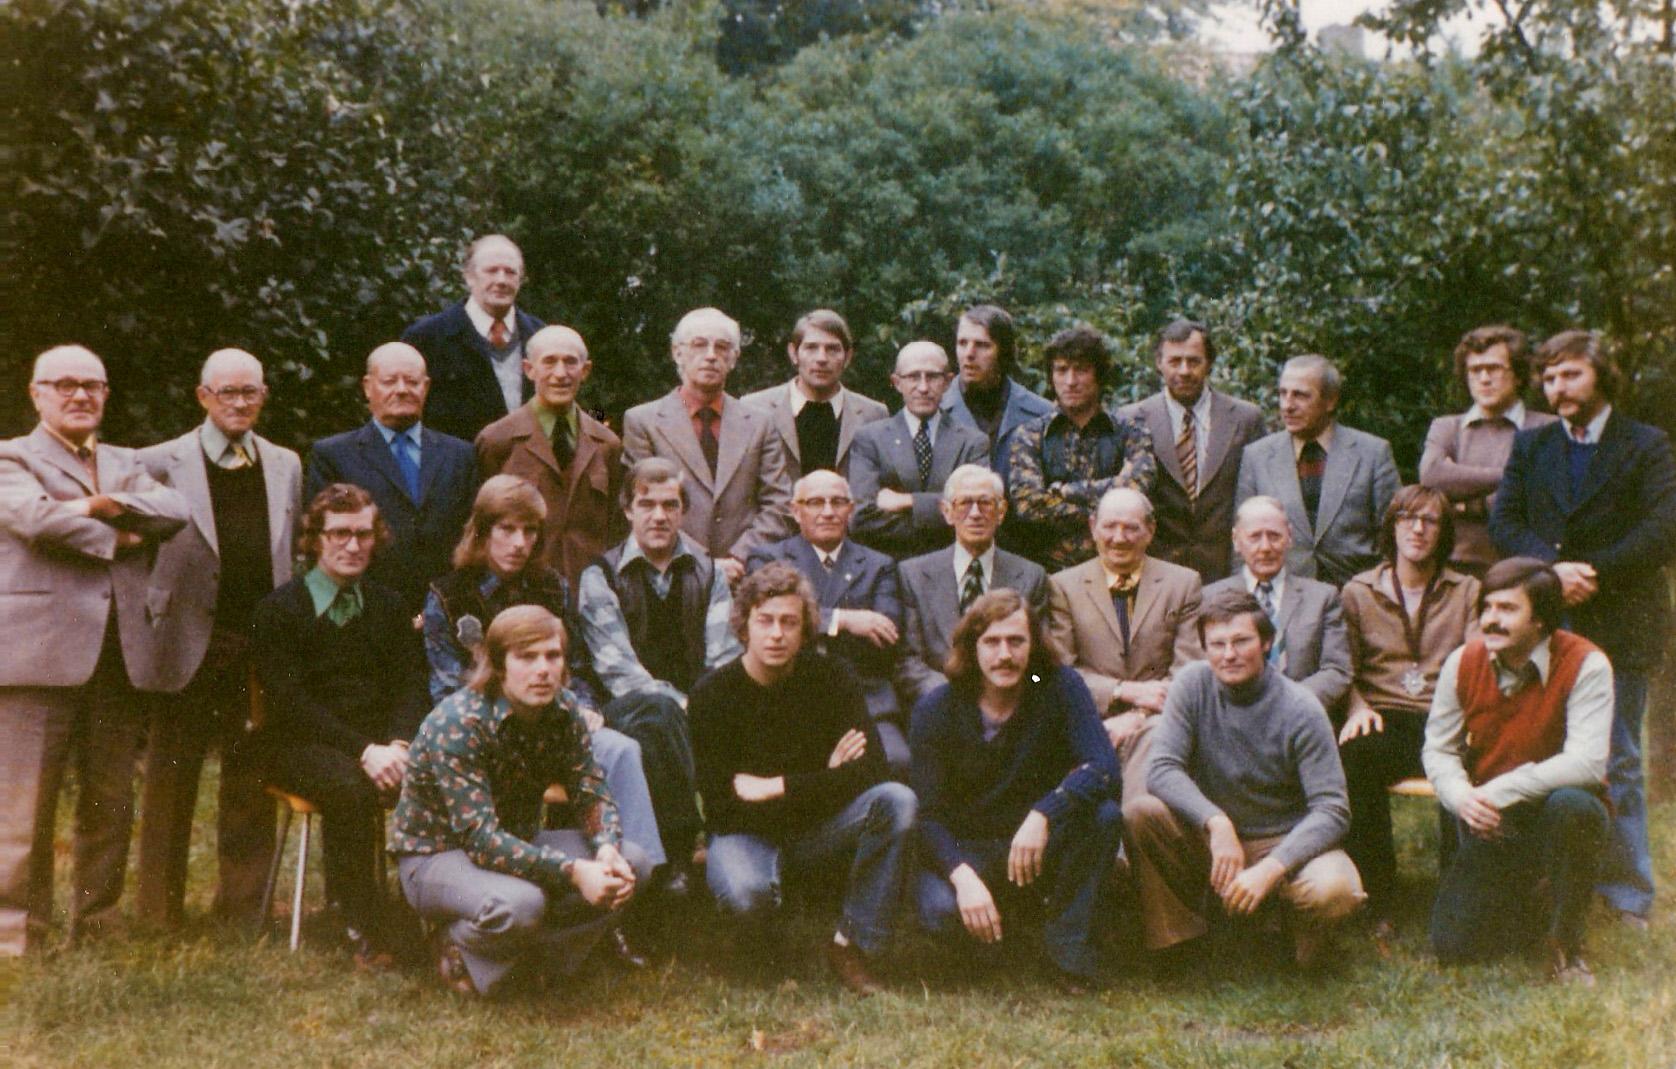 1973 Laatste teerdag van de Unie van 1840 bij café Immens